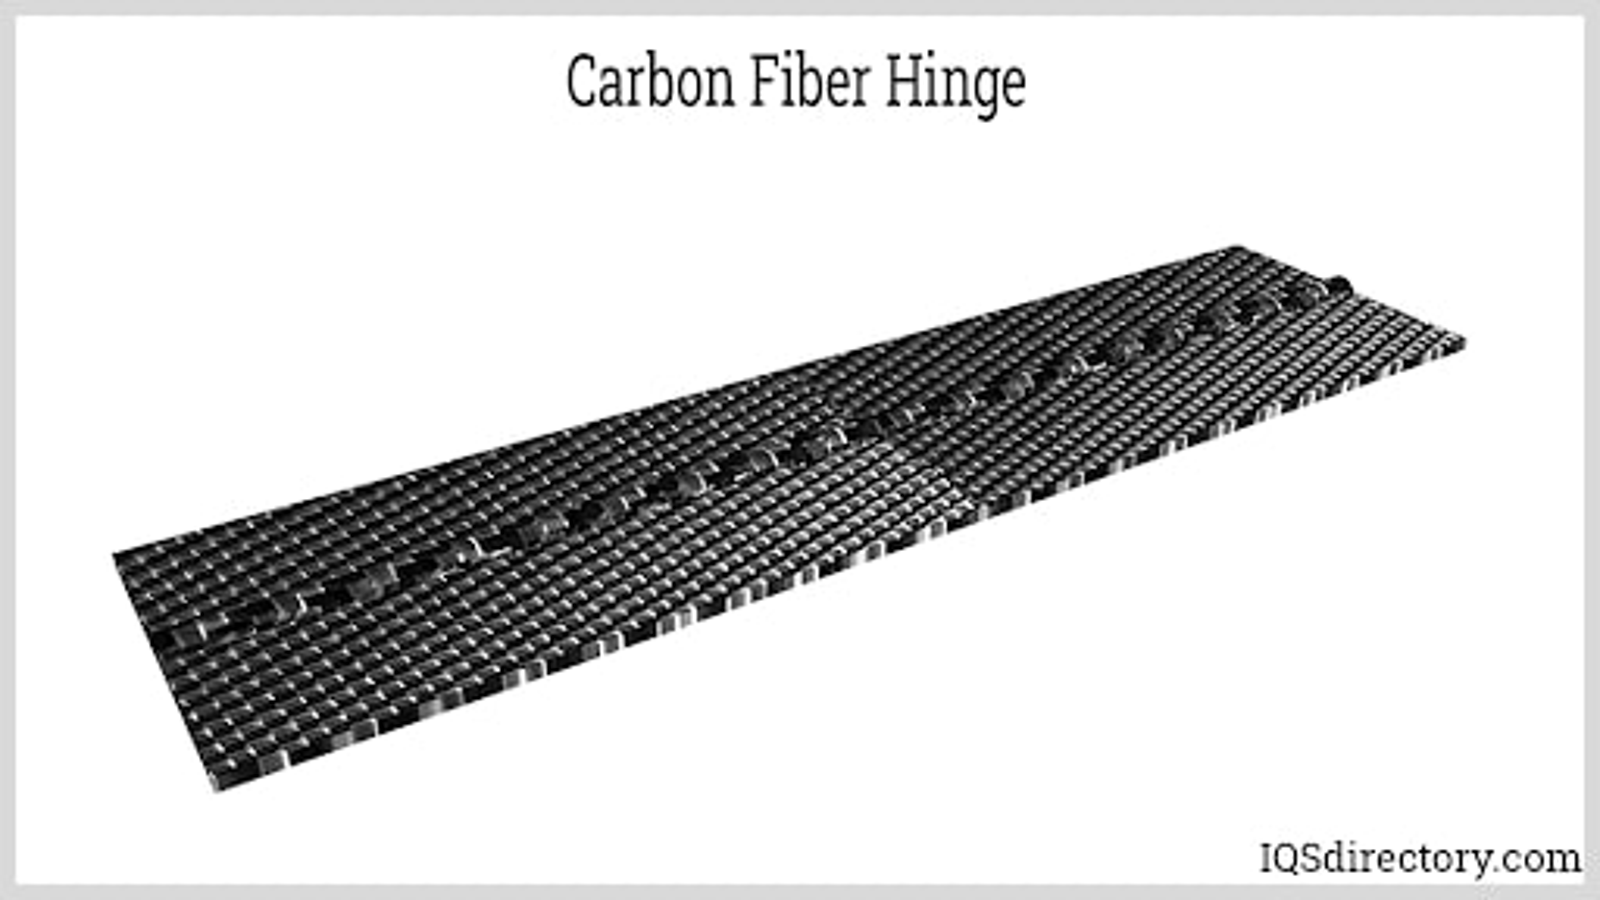 Carbon Fiber Hinge